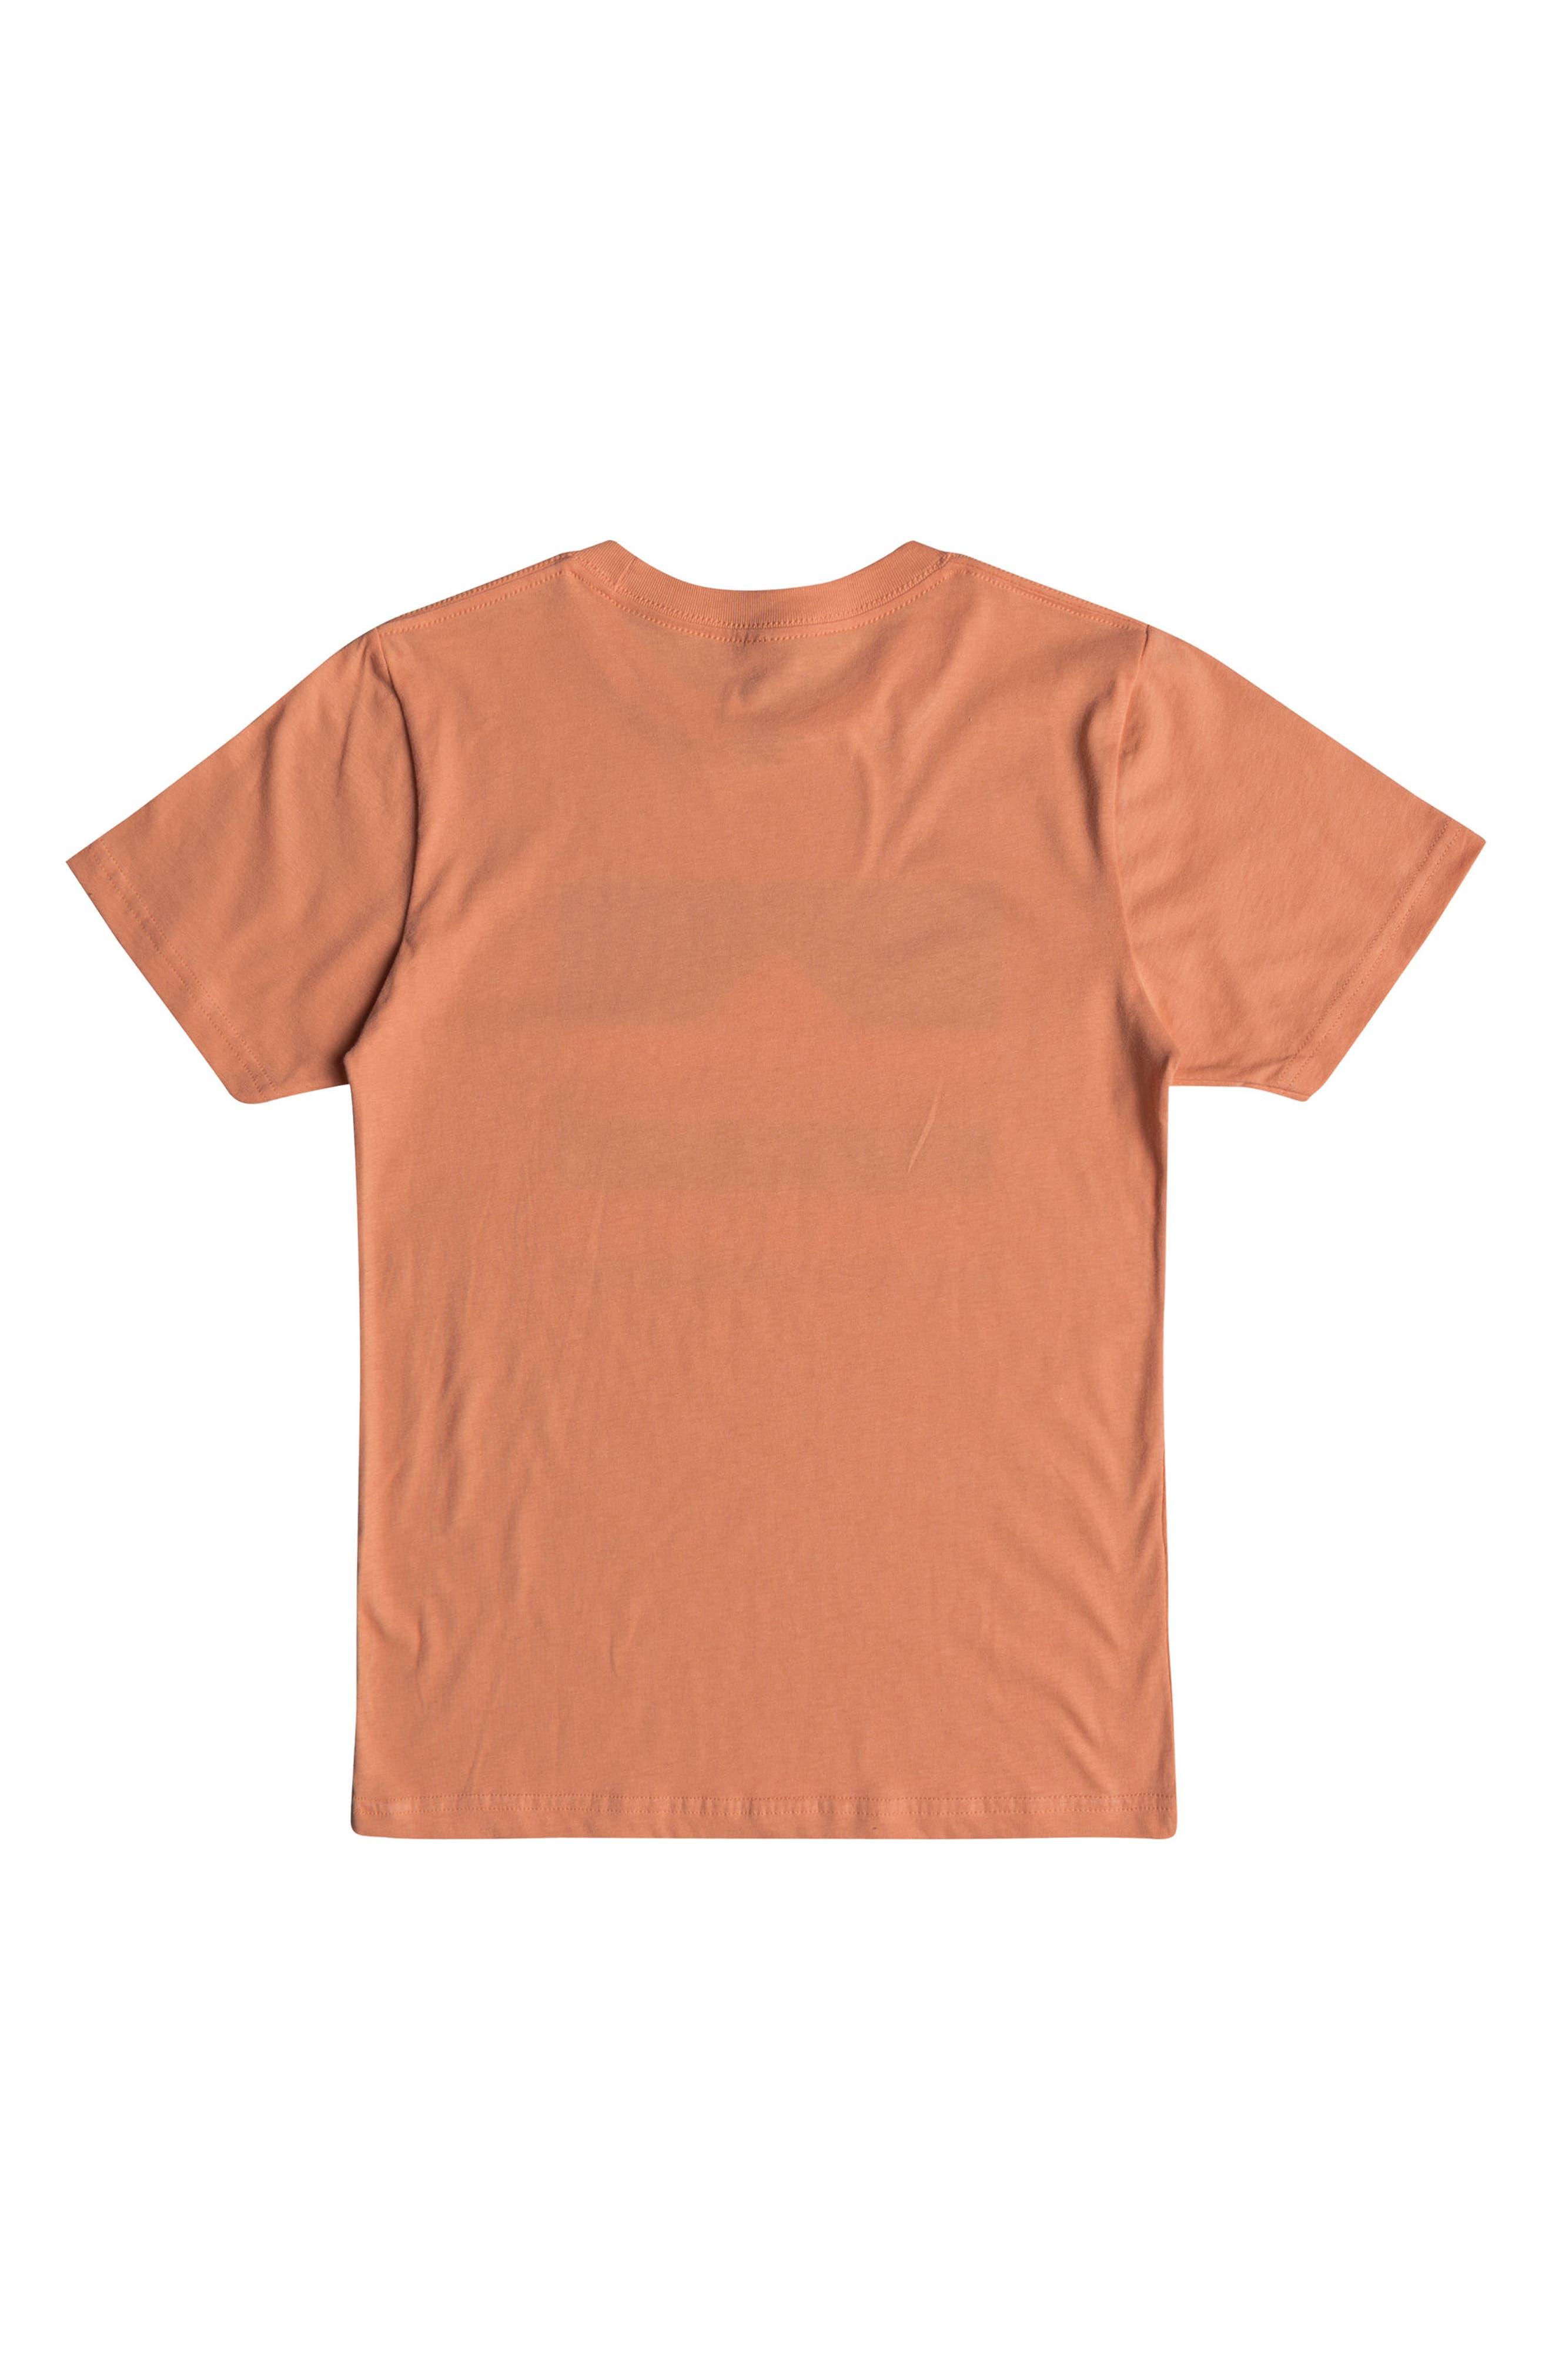 Loud Places Graphic T-Shirt,                             Alternate thumbnail 2, color,                             Cadmium Orange